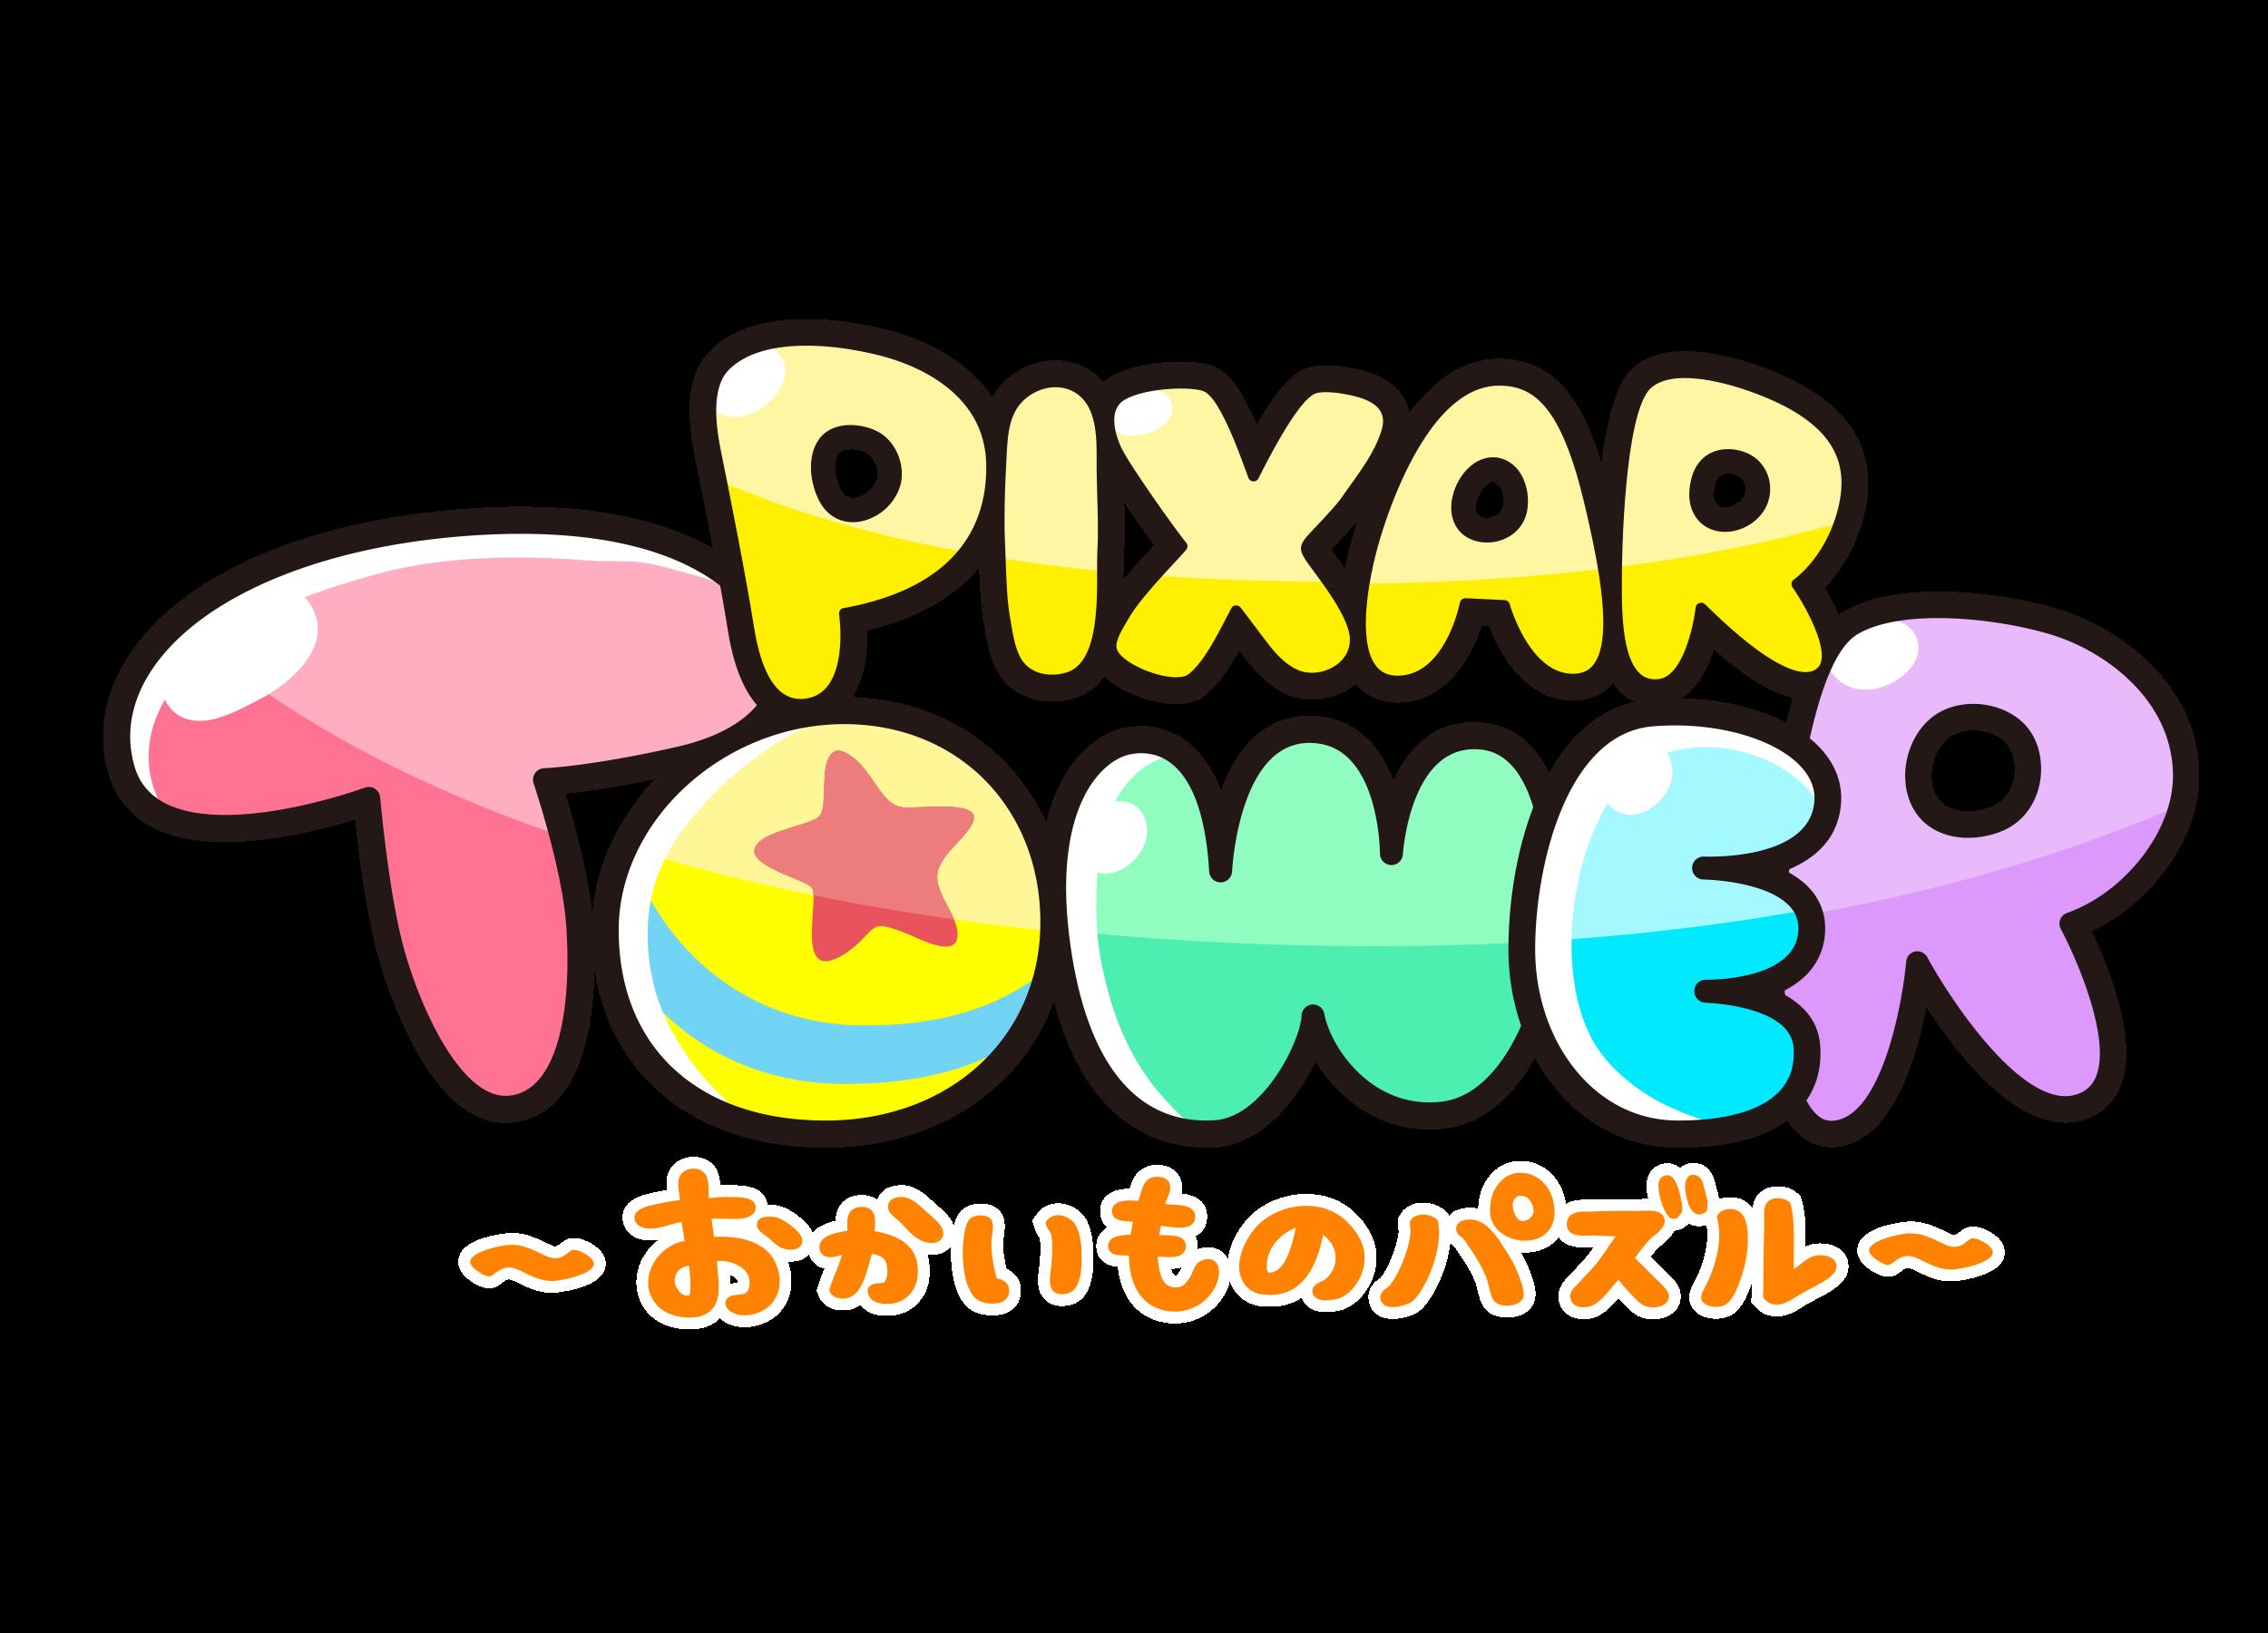 なぞってつなげる おかいものパズルゲーム Line ピクサー タワー